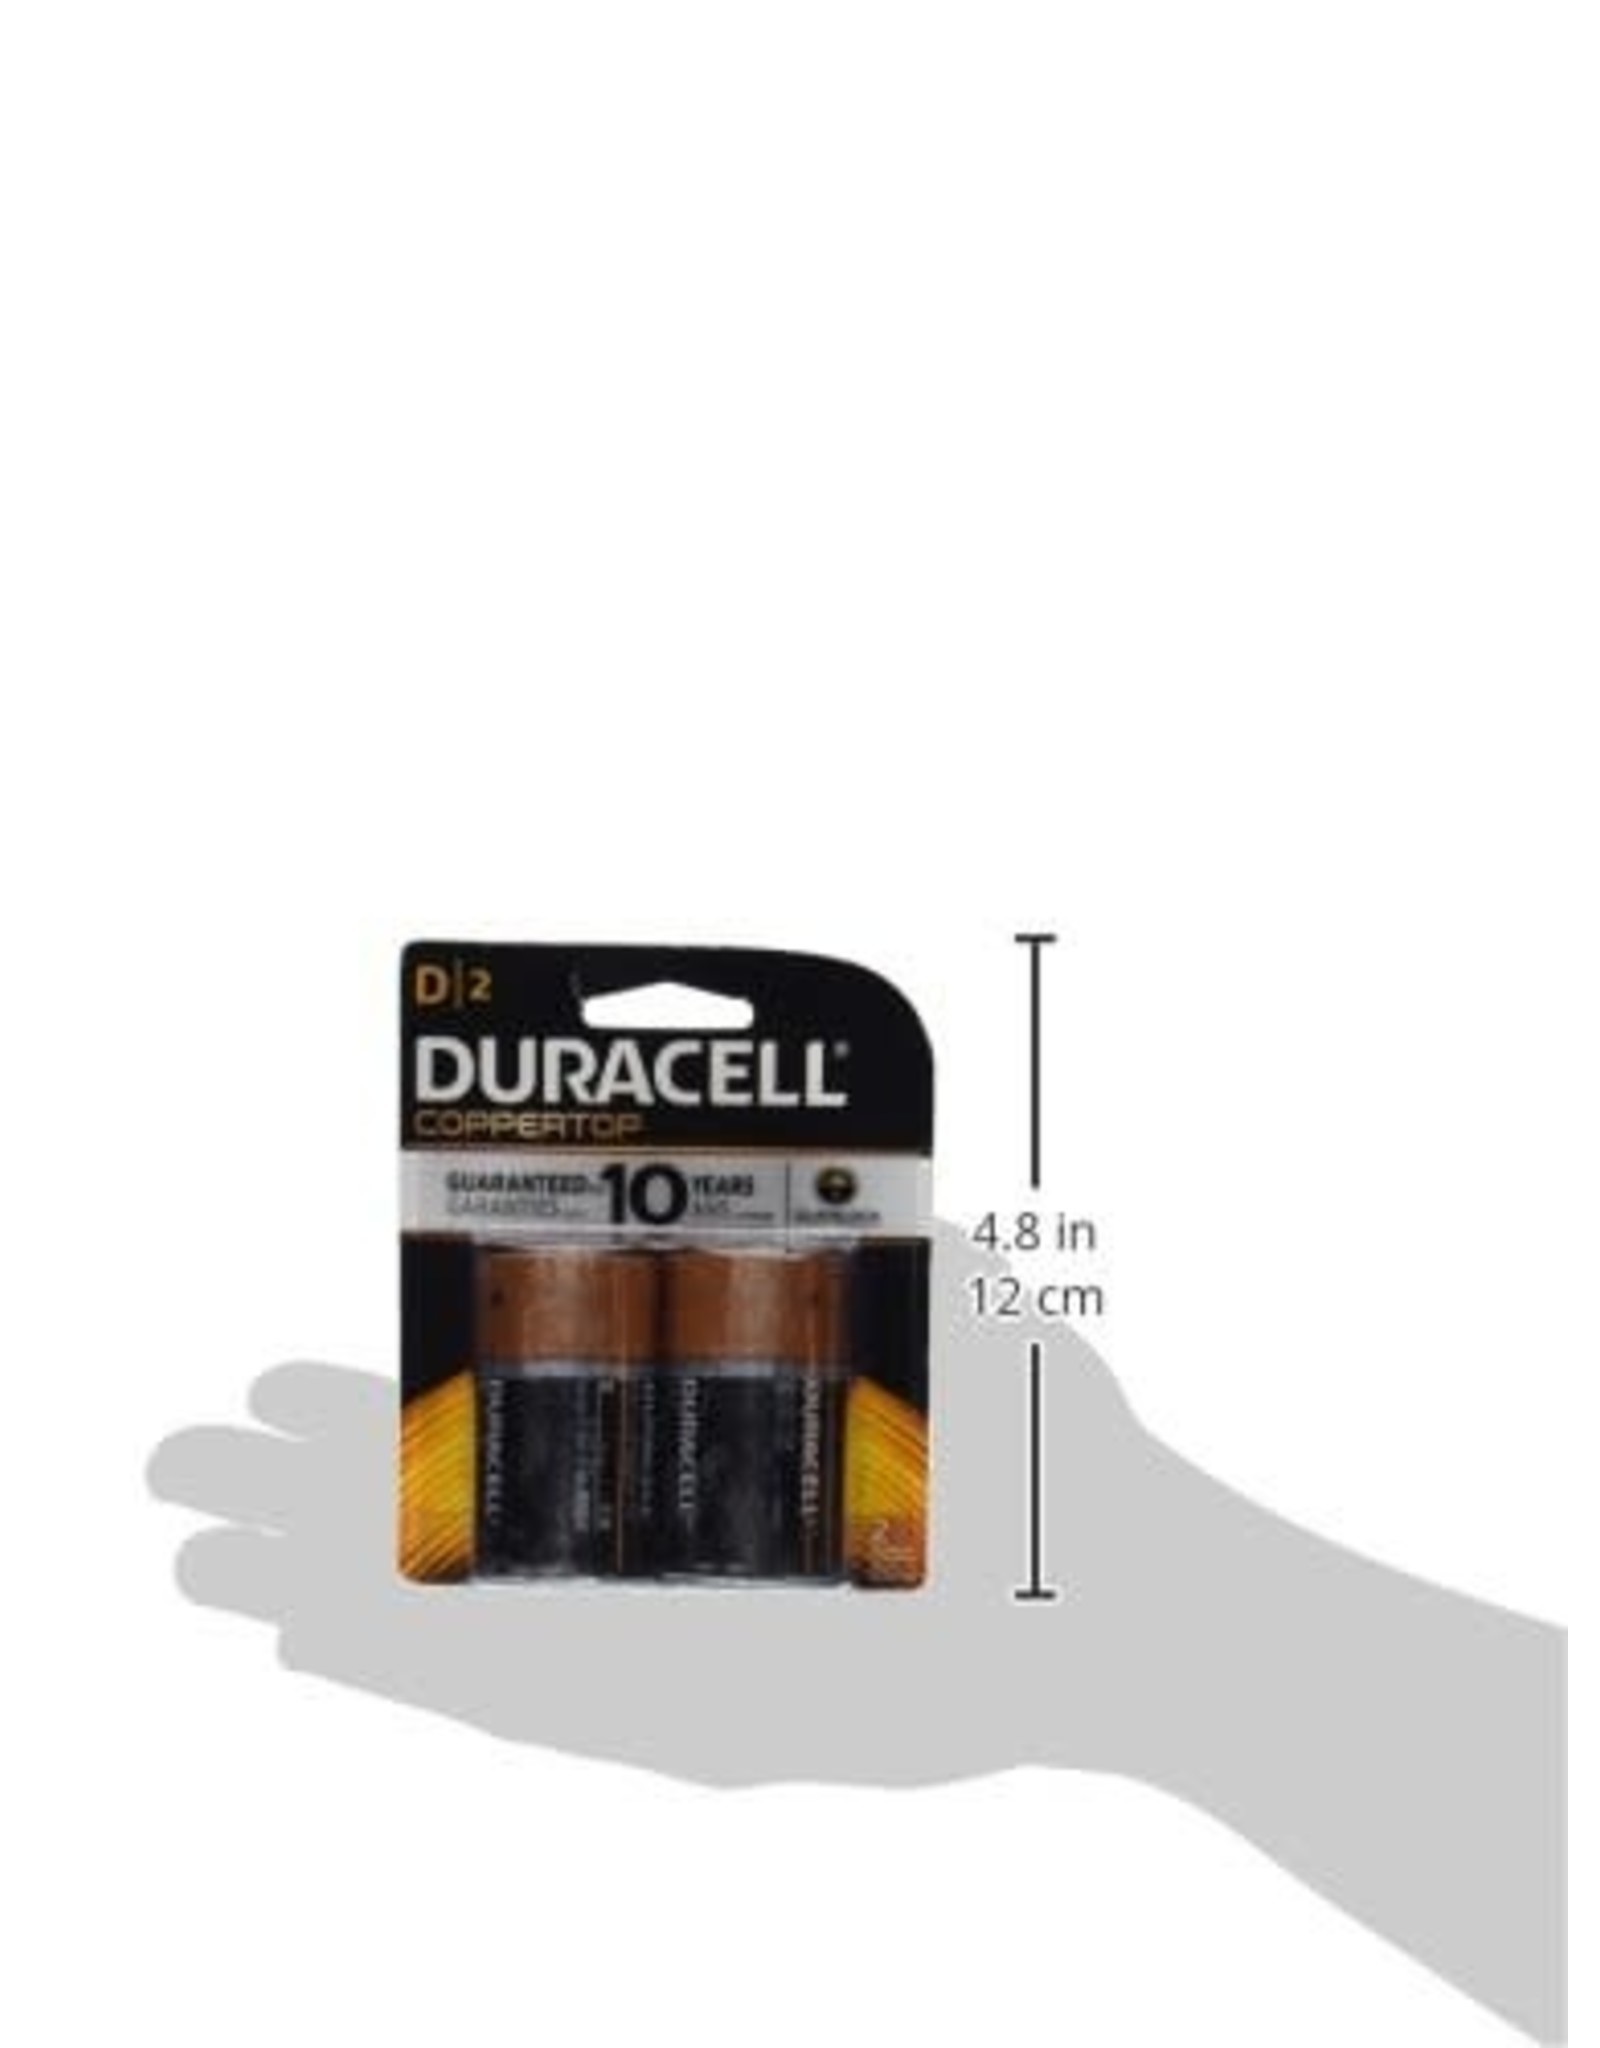 Duracell Duracell D Coppertop Alkaline Batteries 2 Pack